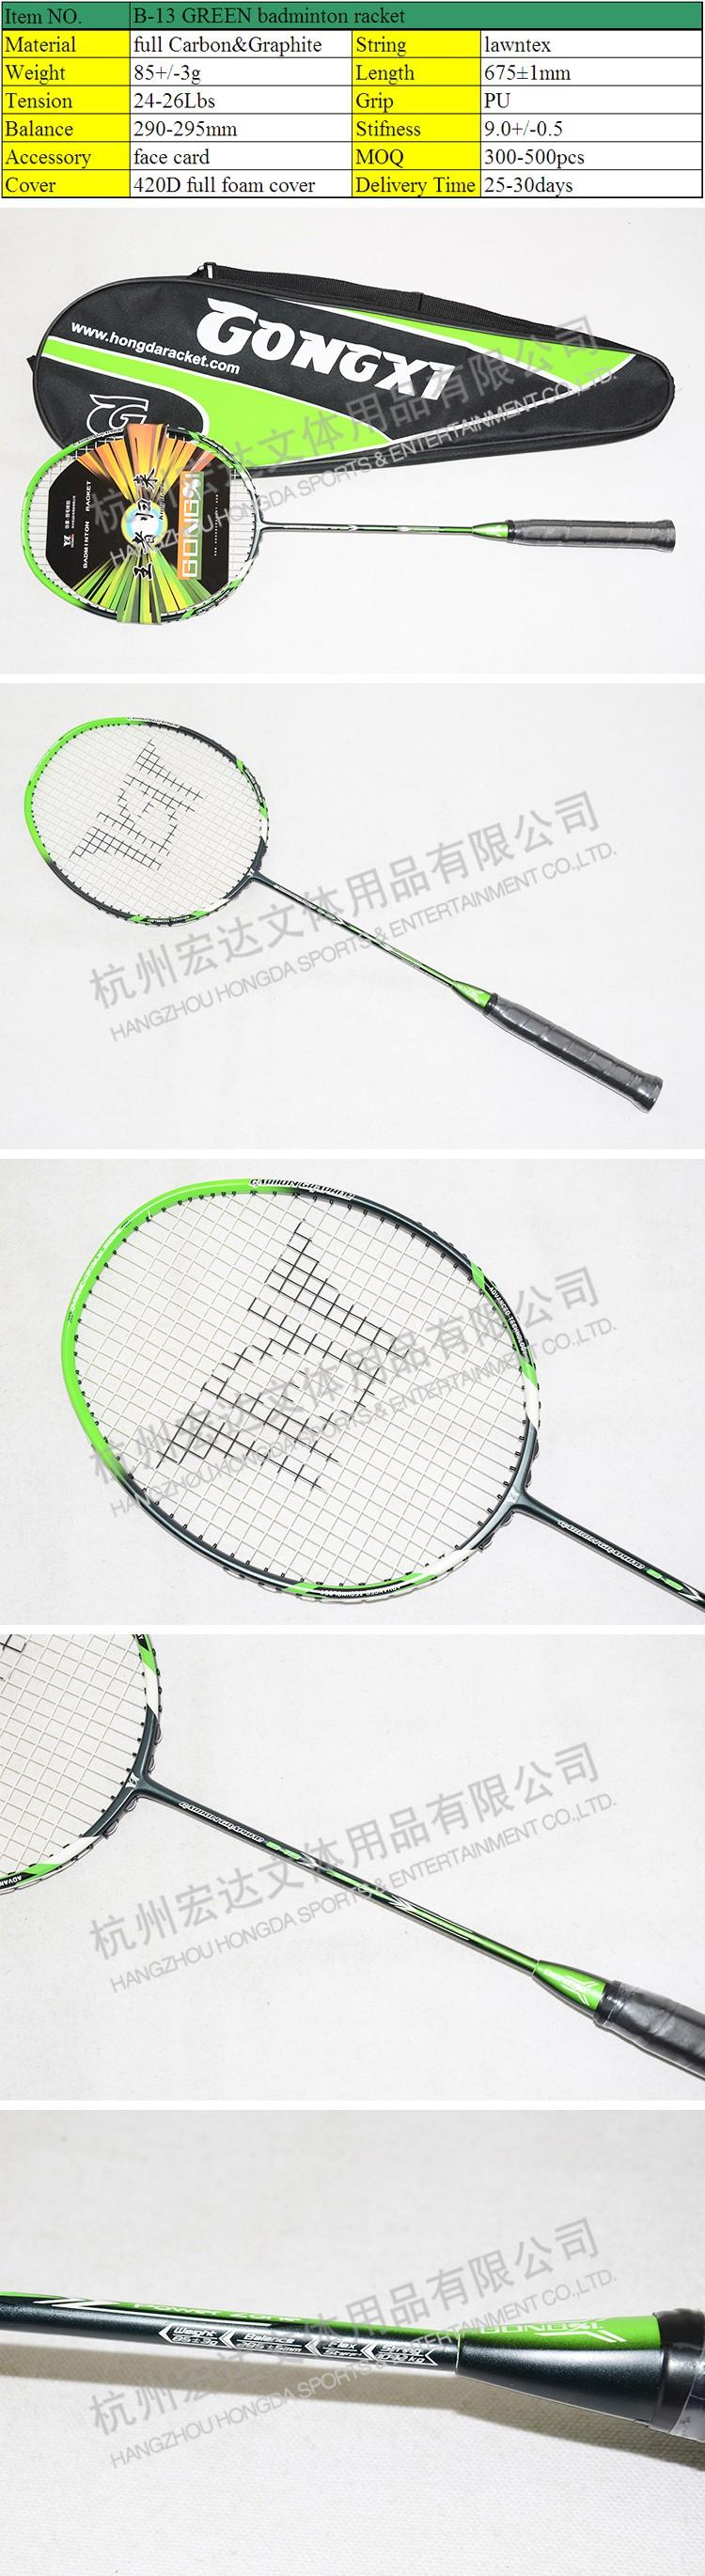 B 13 Hijau Berkualitas Tinggi Raket Bulutangkis Karbon Grafit Yonex  Bagian Yang Berbeda Badminton